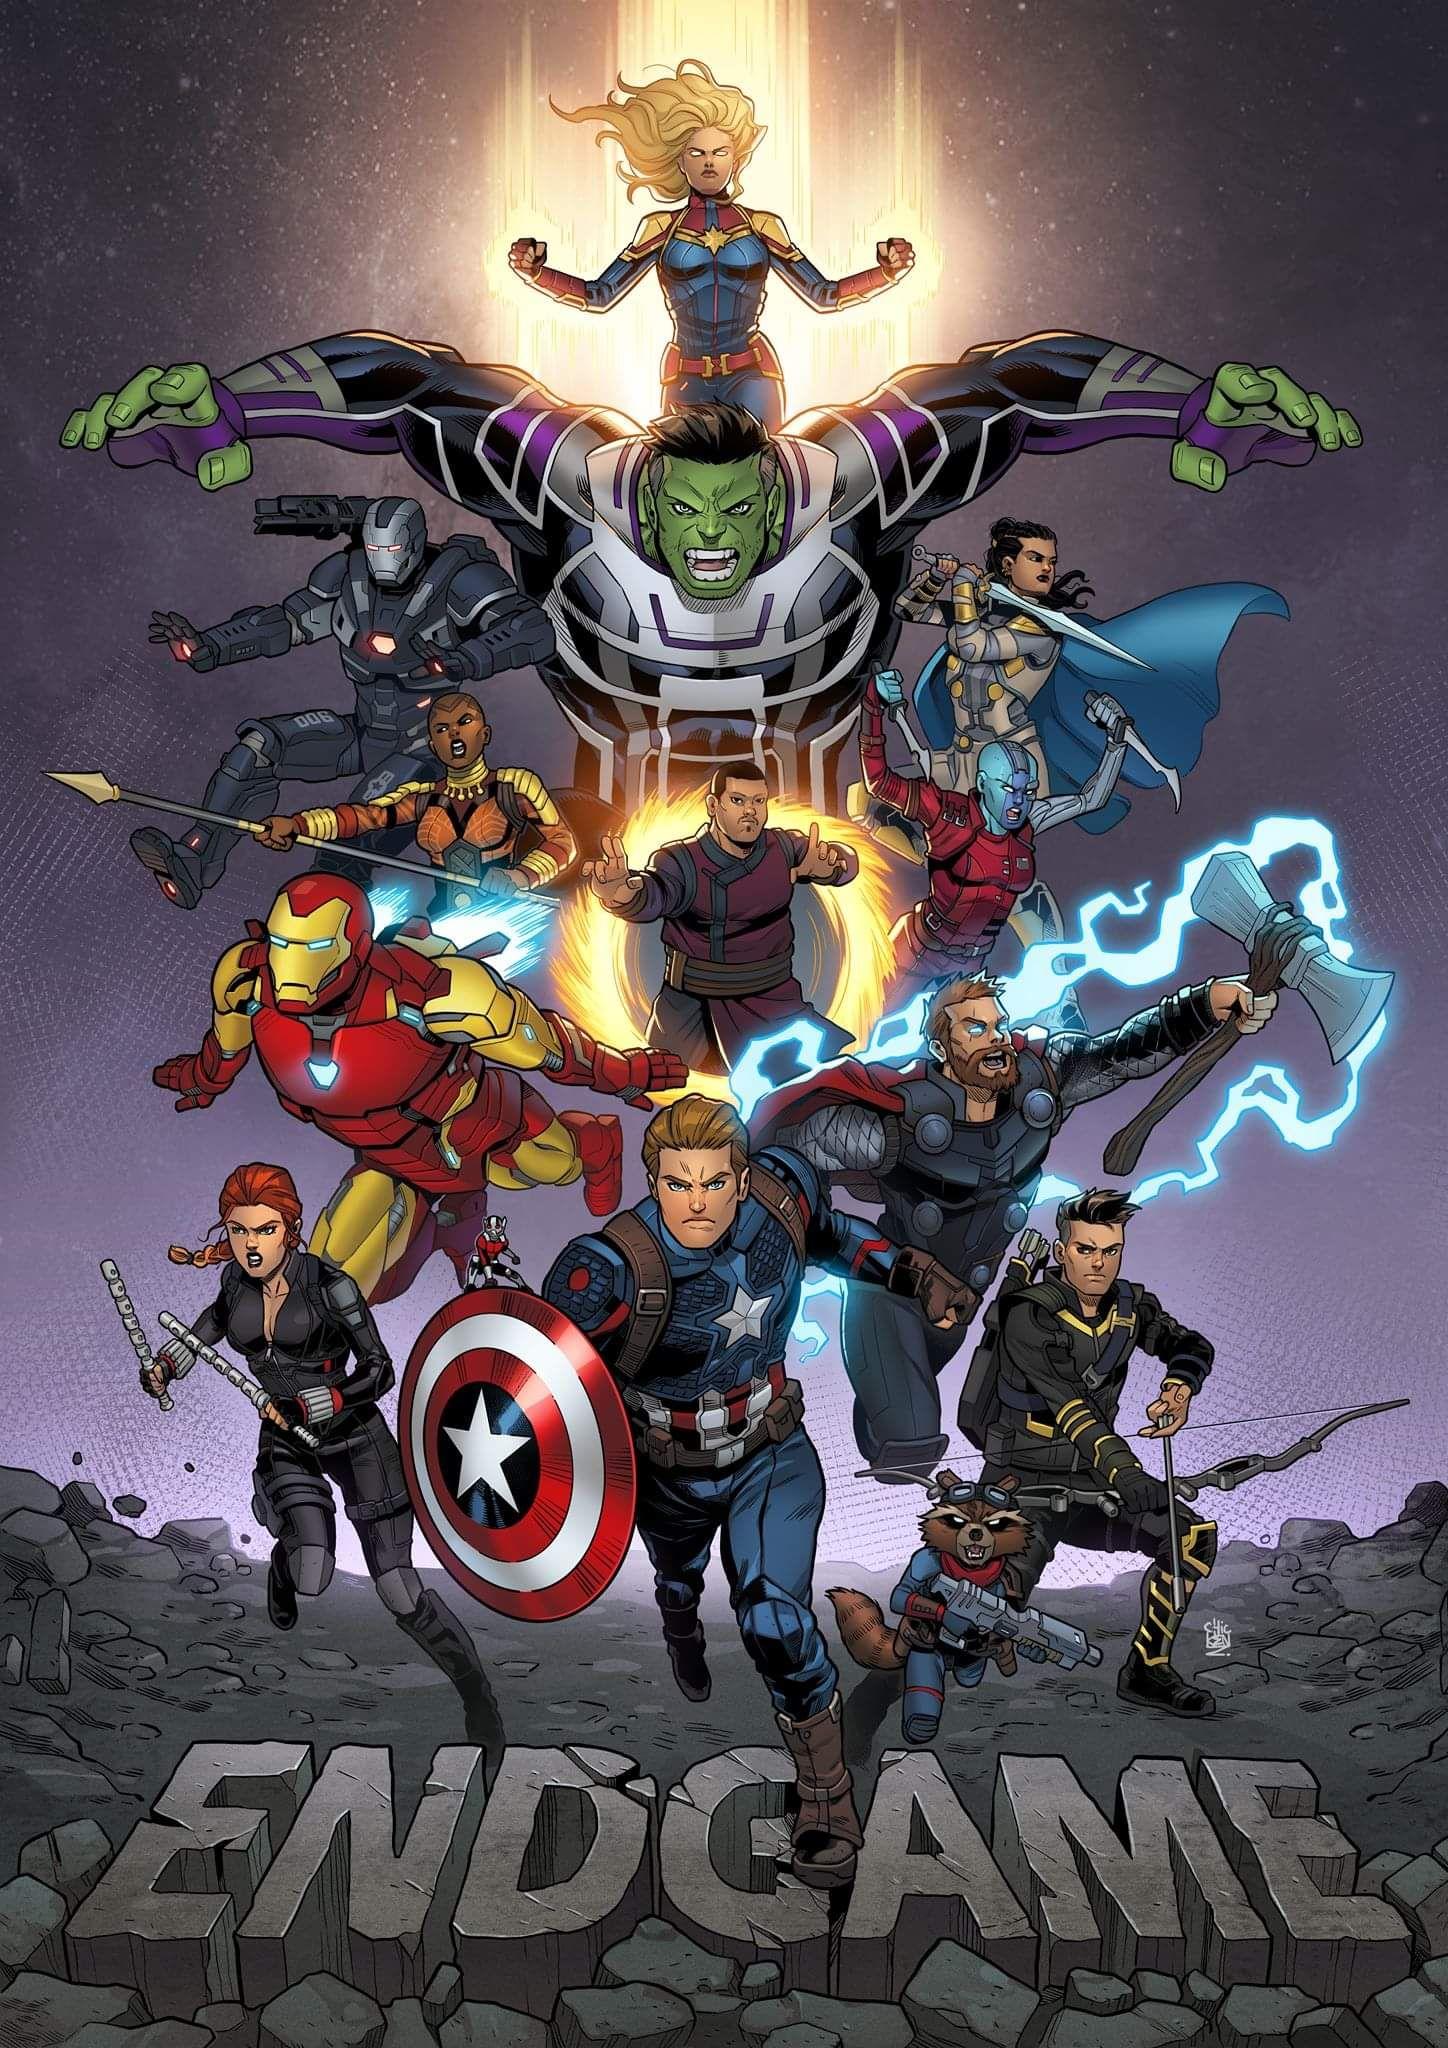 Avengers Endgame Fan Art By Chickenz Avengers Cartoon Marvel Avengers Funny Avengers Wallpaper